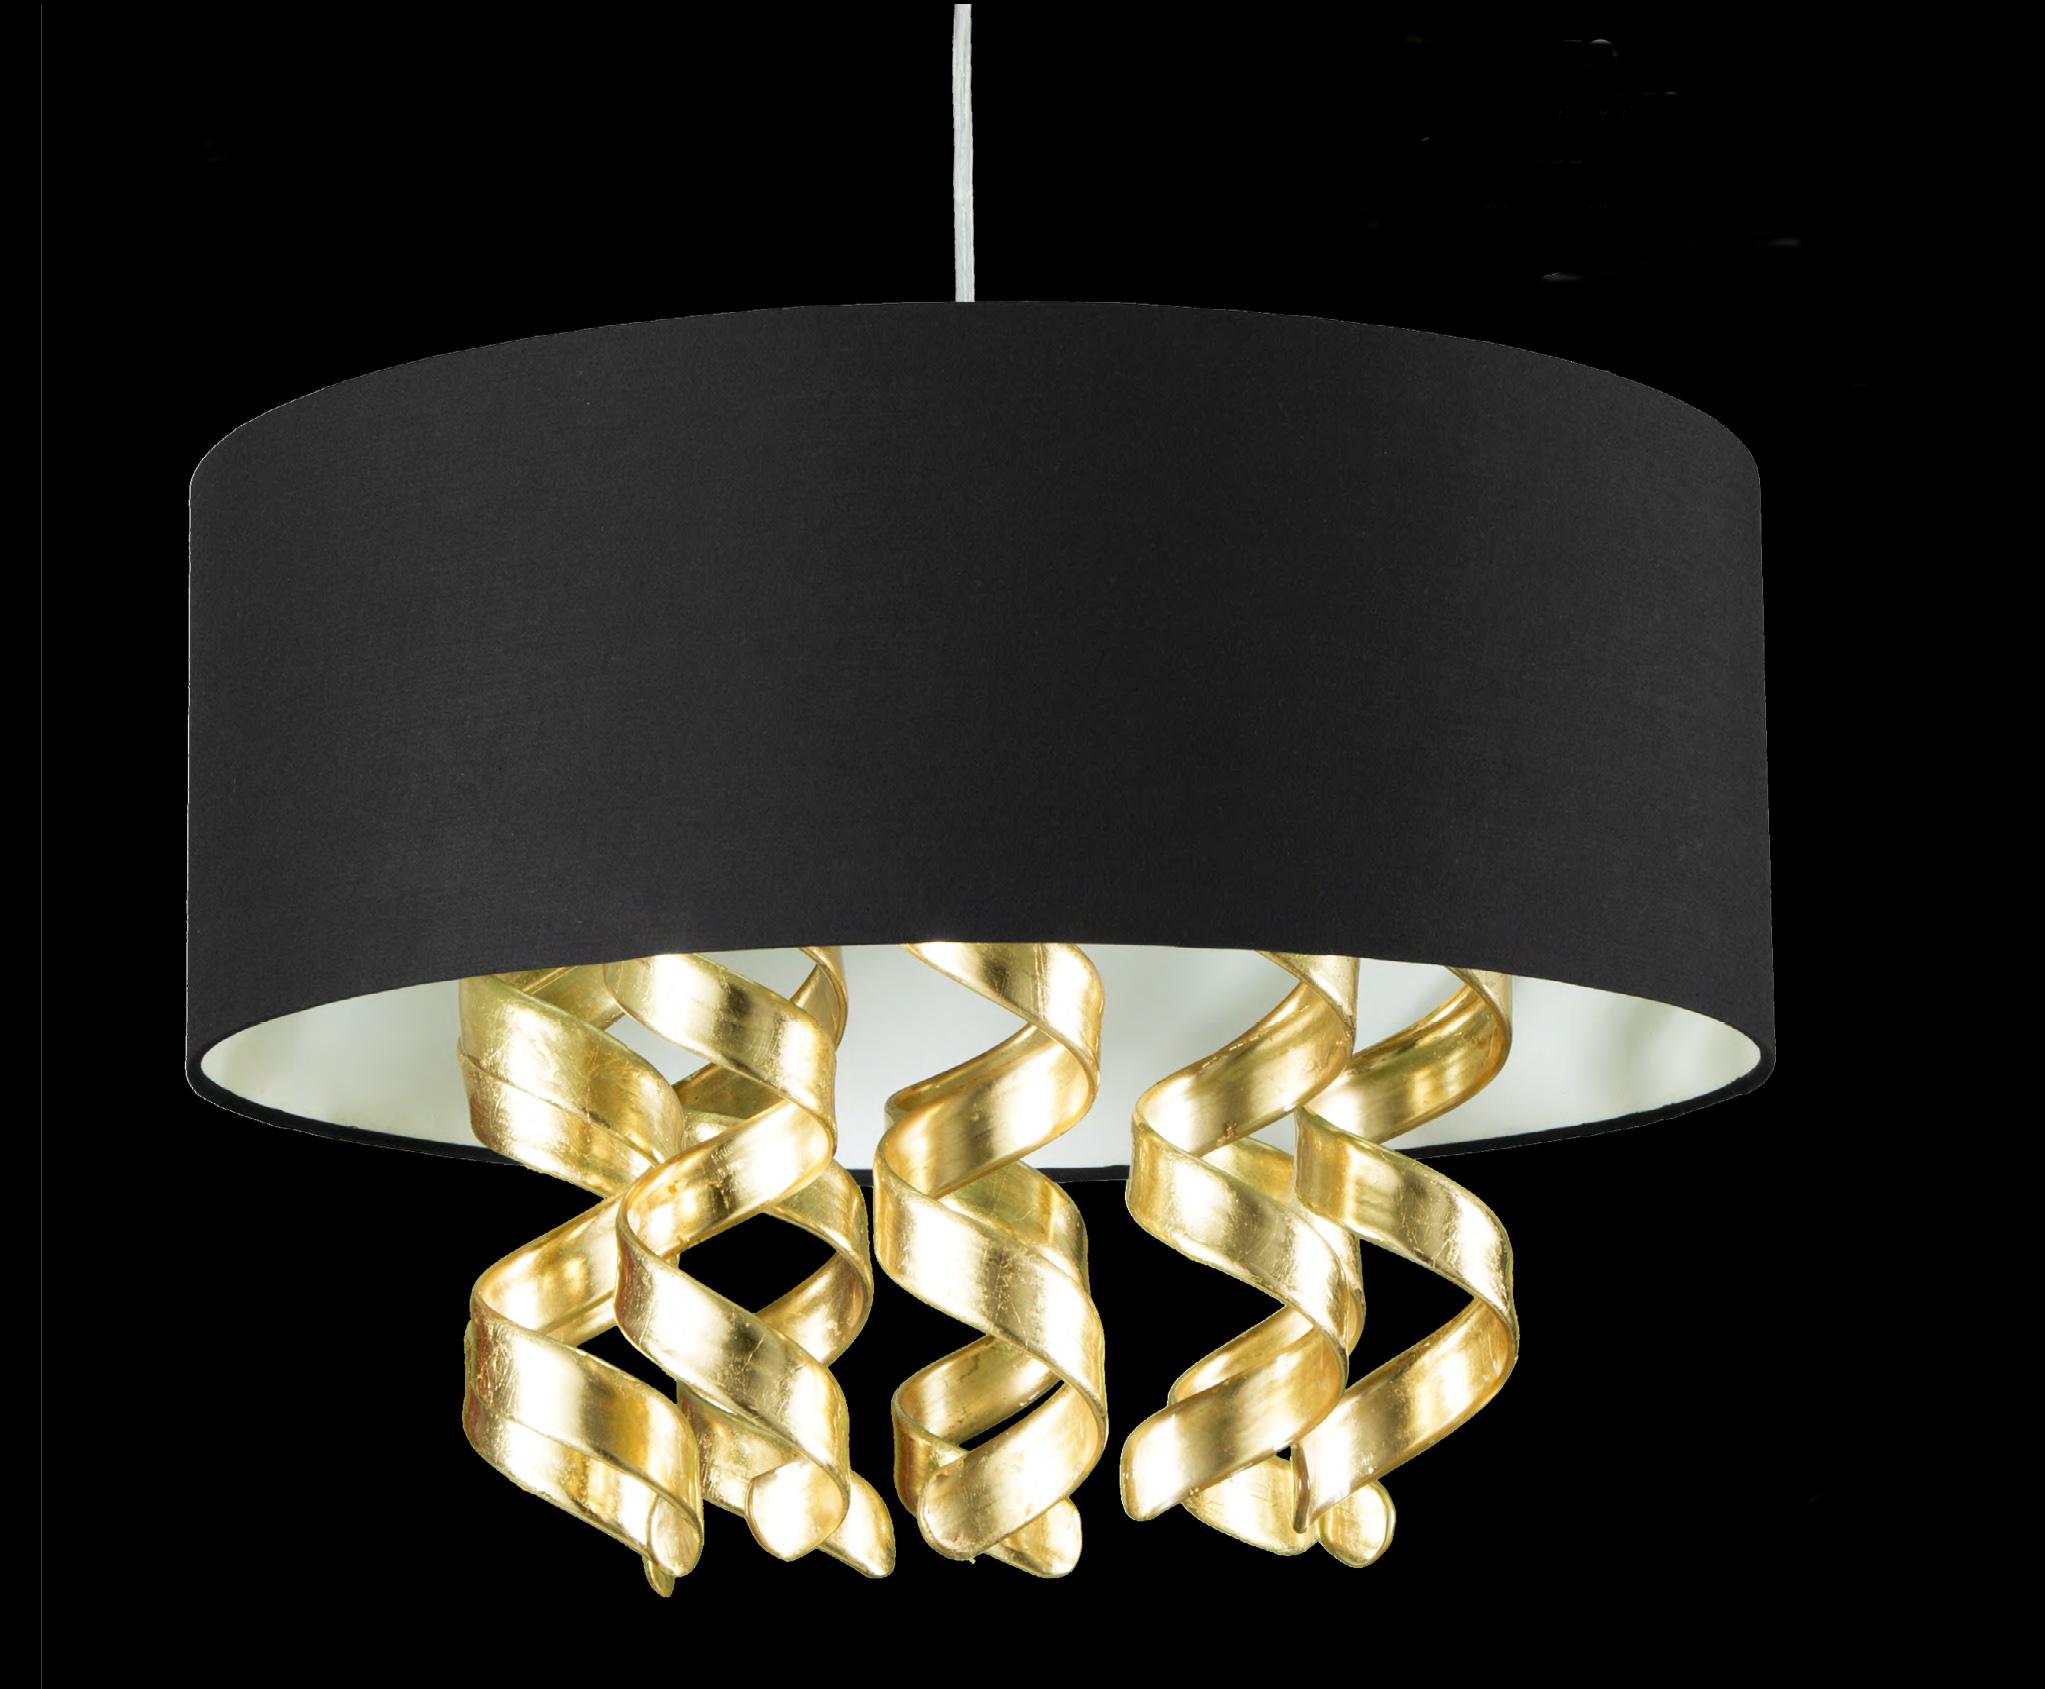 Plafoniere Da Bricoman : Bricoman lampadari unaris u e la collezione di disegni